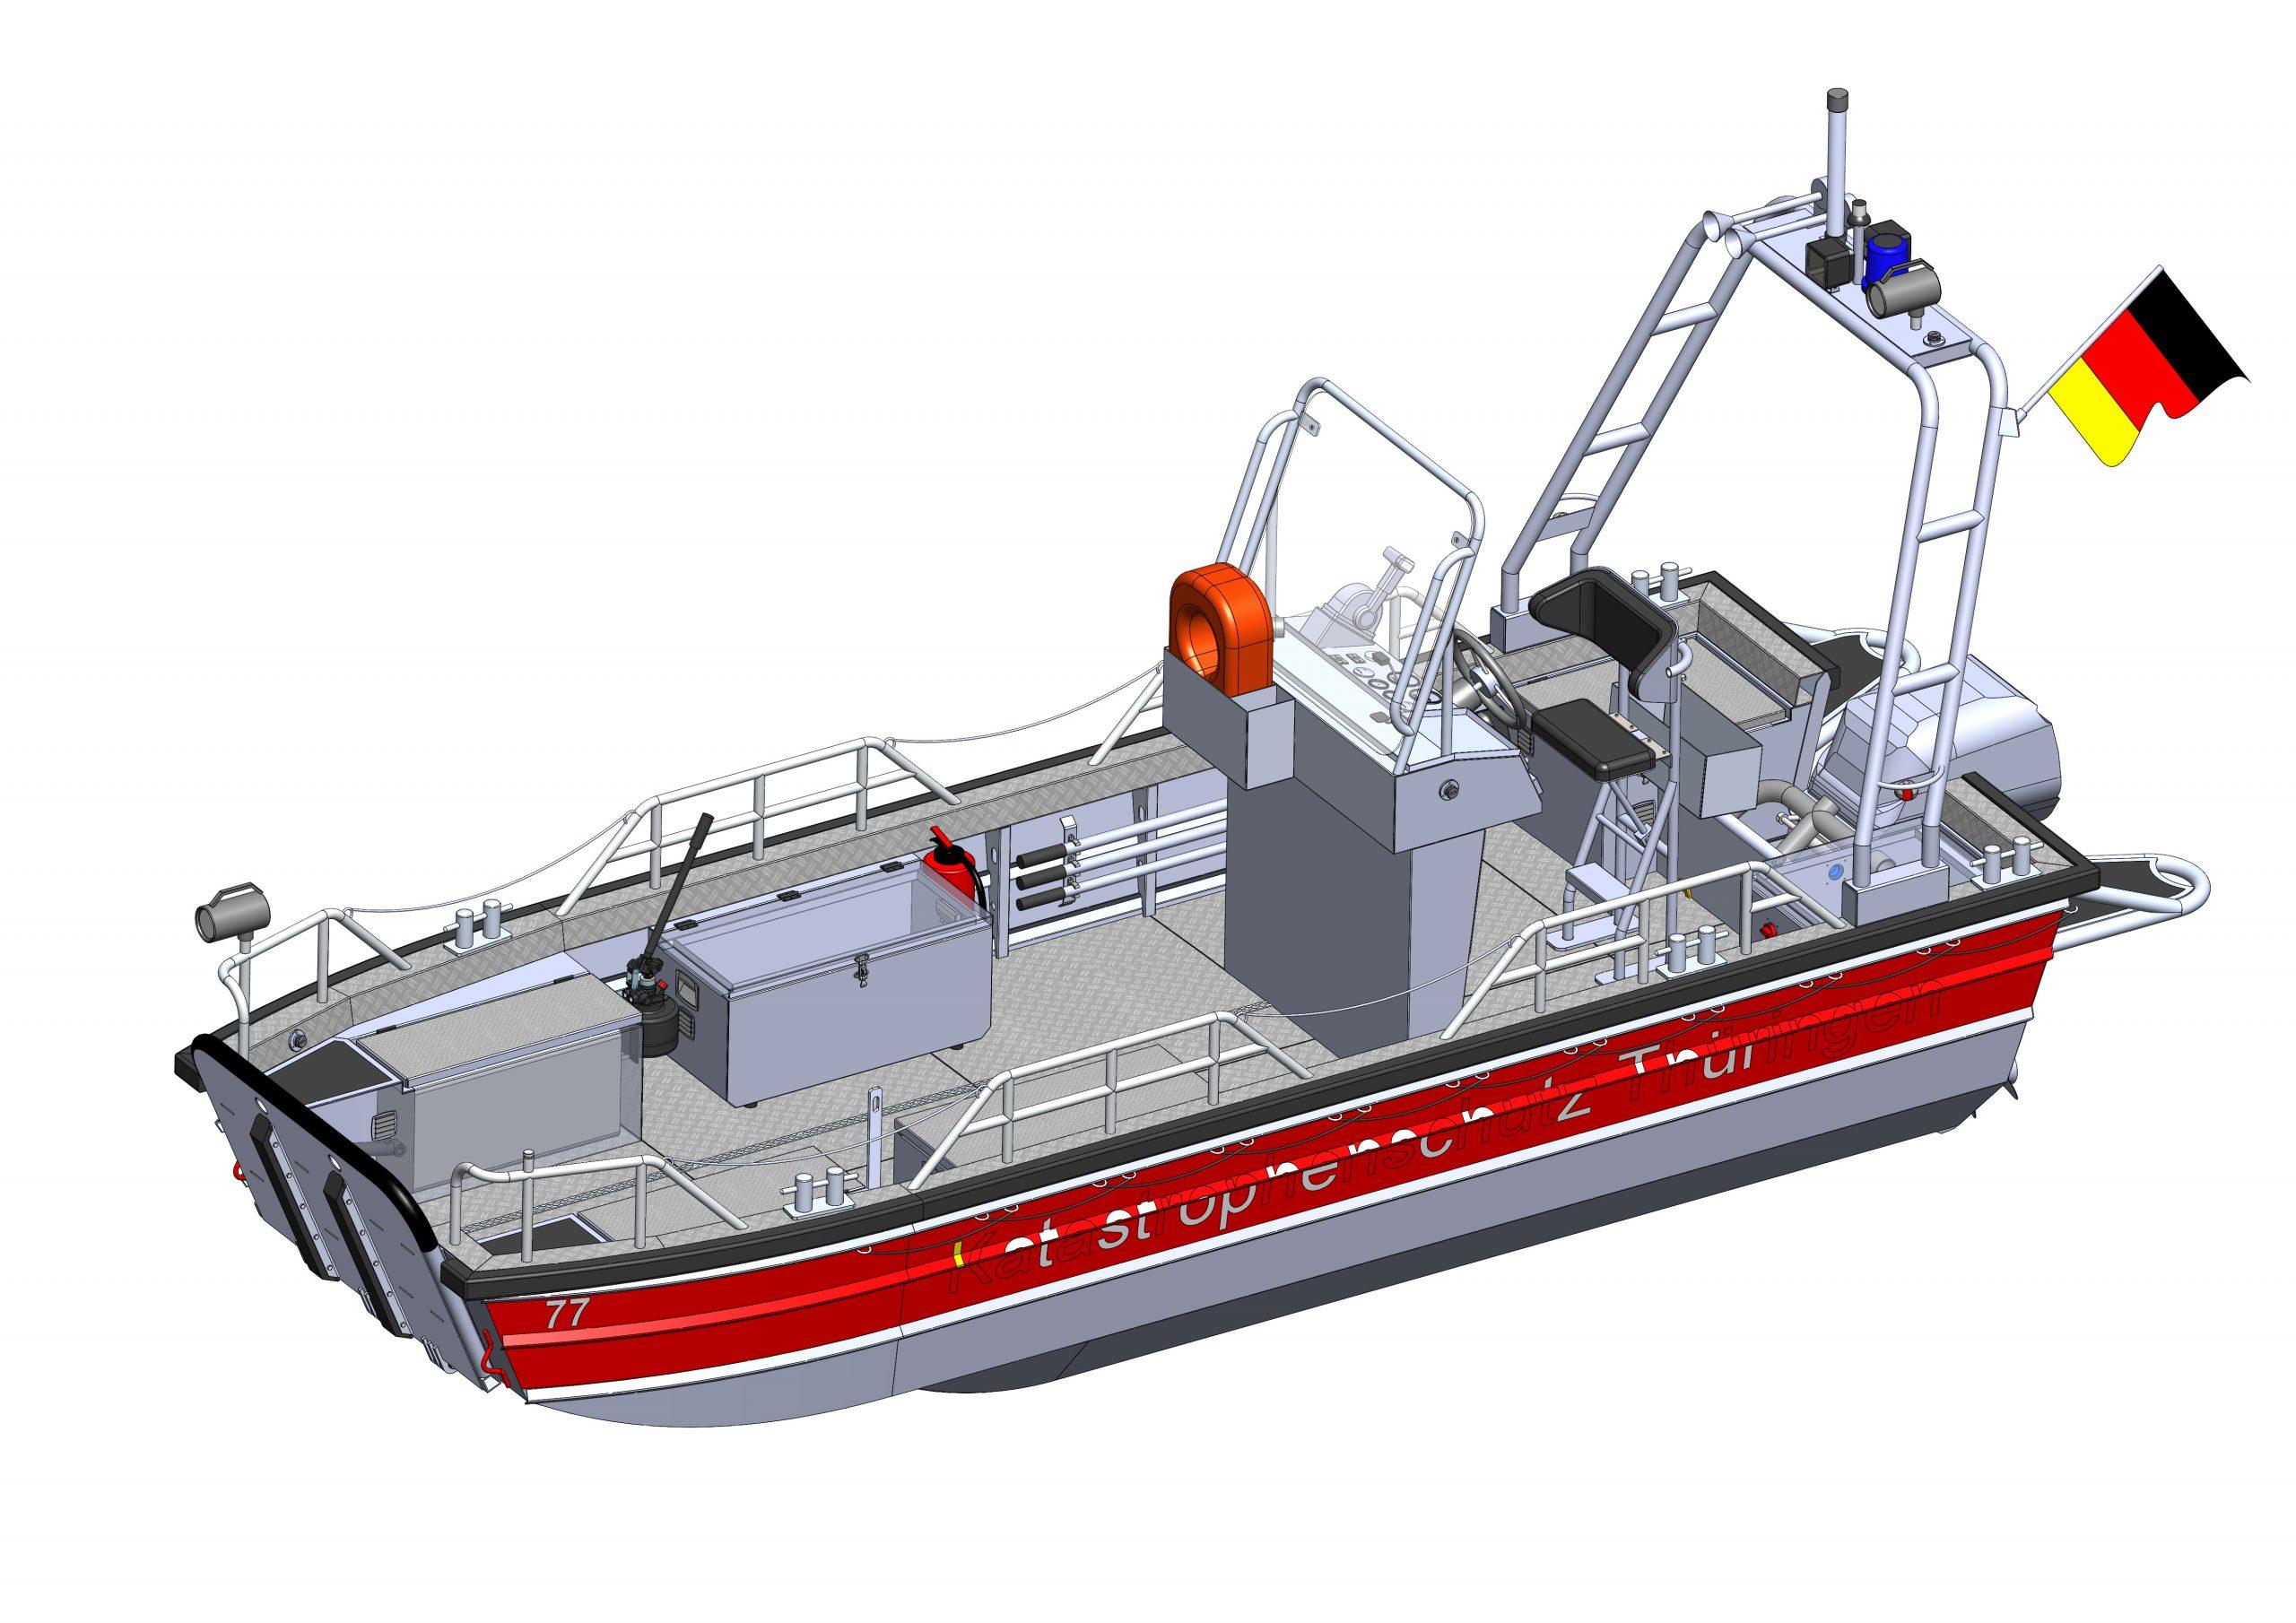 Stützpunktfeuerwehr bekommt Rettungsboot